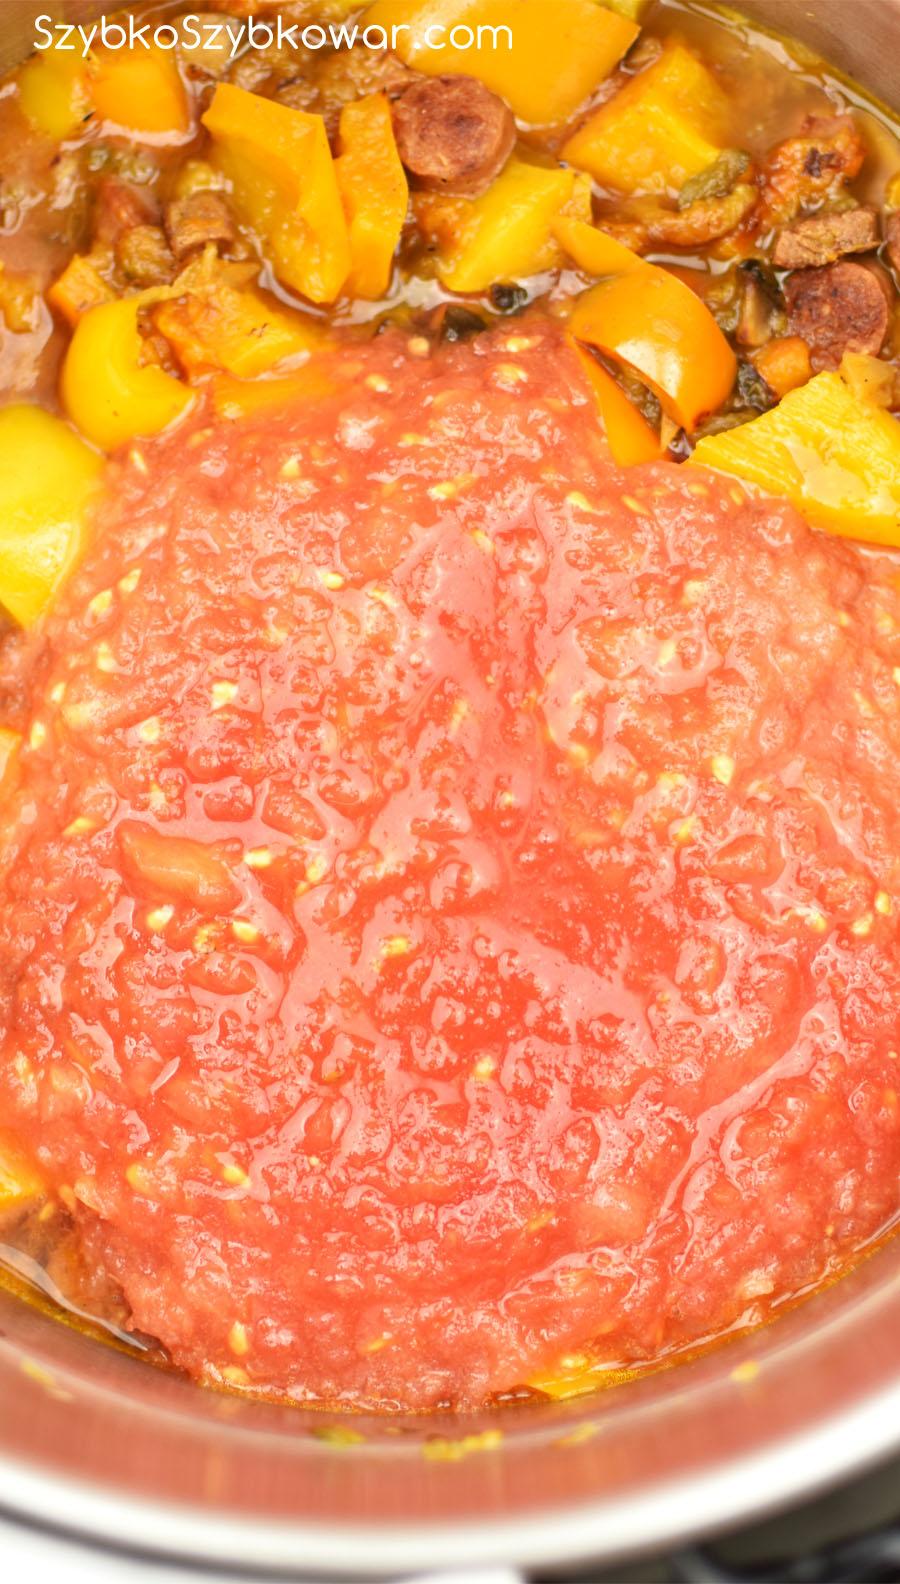 Dodany cukier oraz starte pomidory.